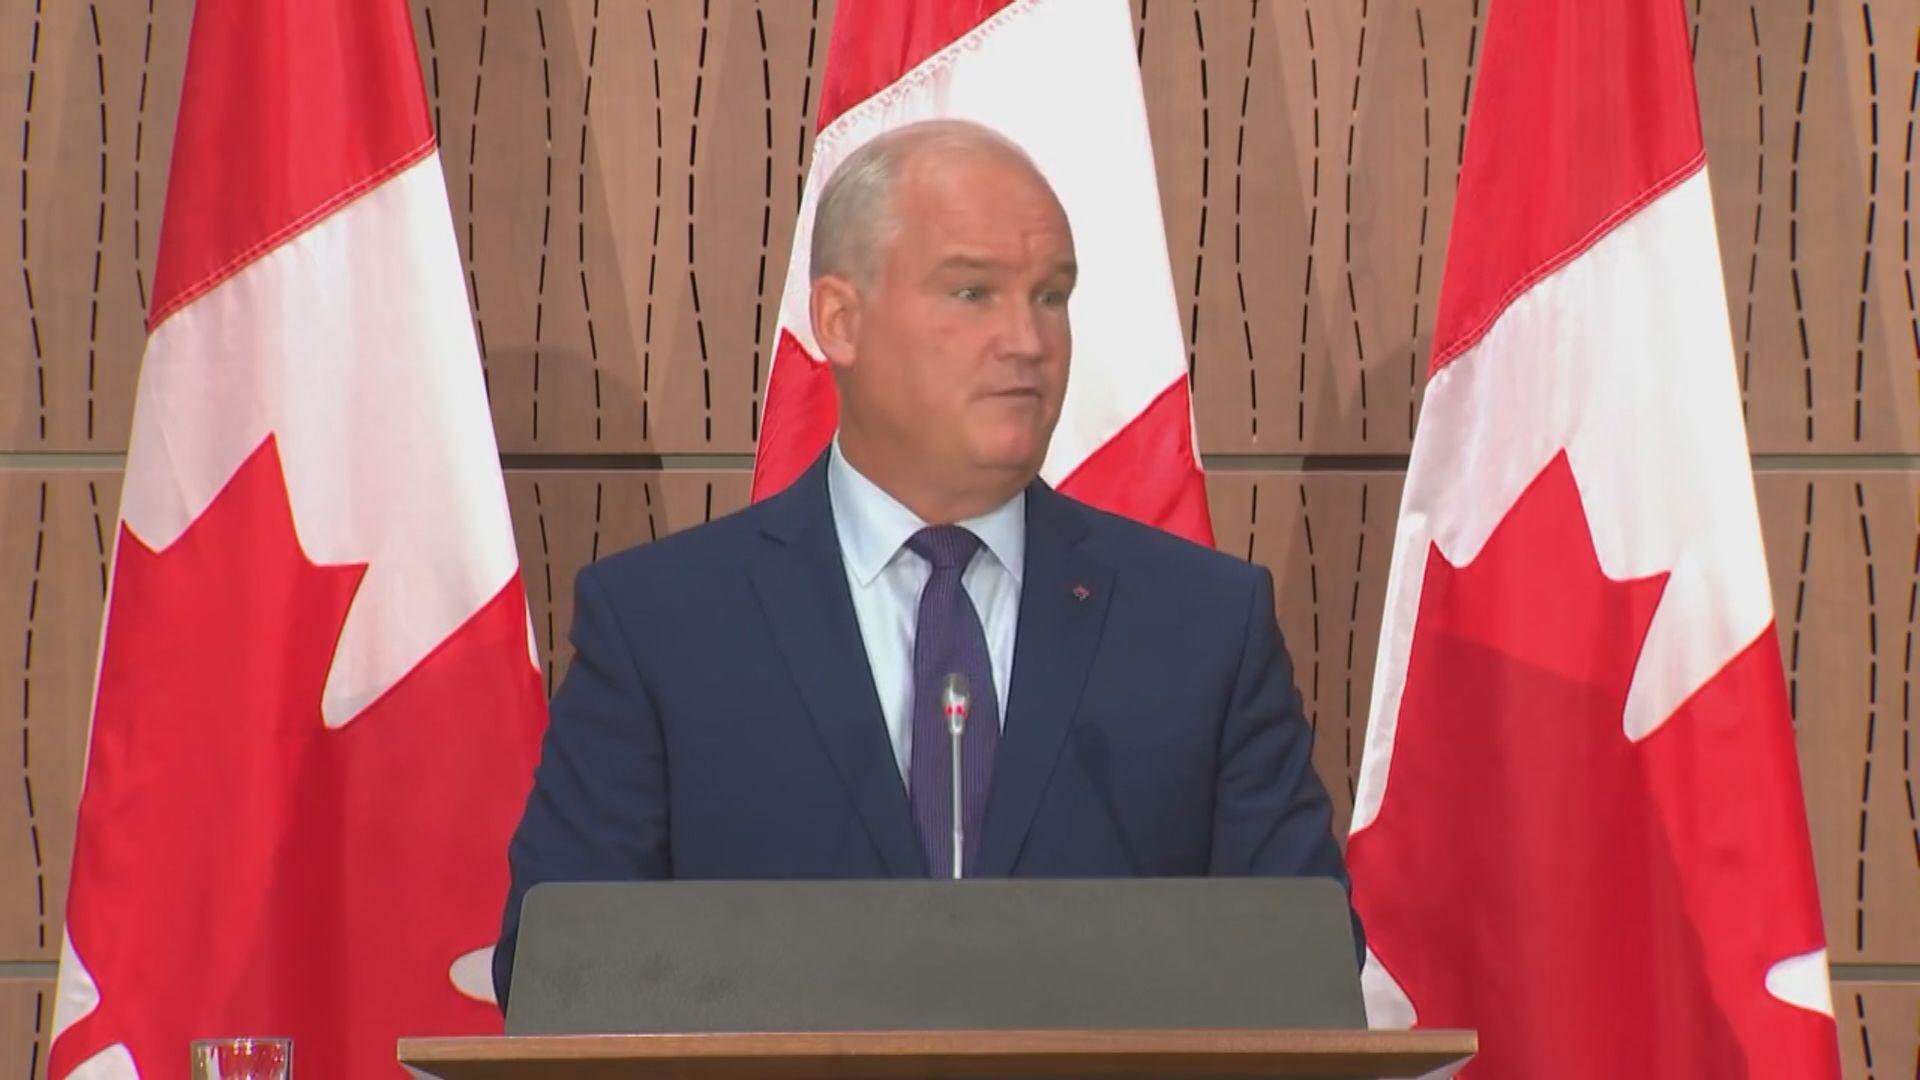 加拿大大選:奧圖爾知名度不高但越戰越勇